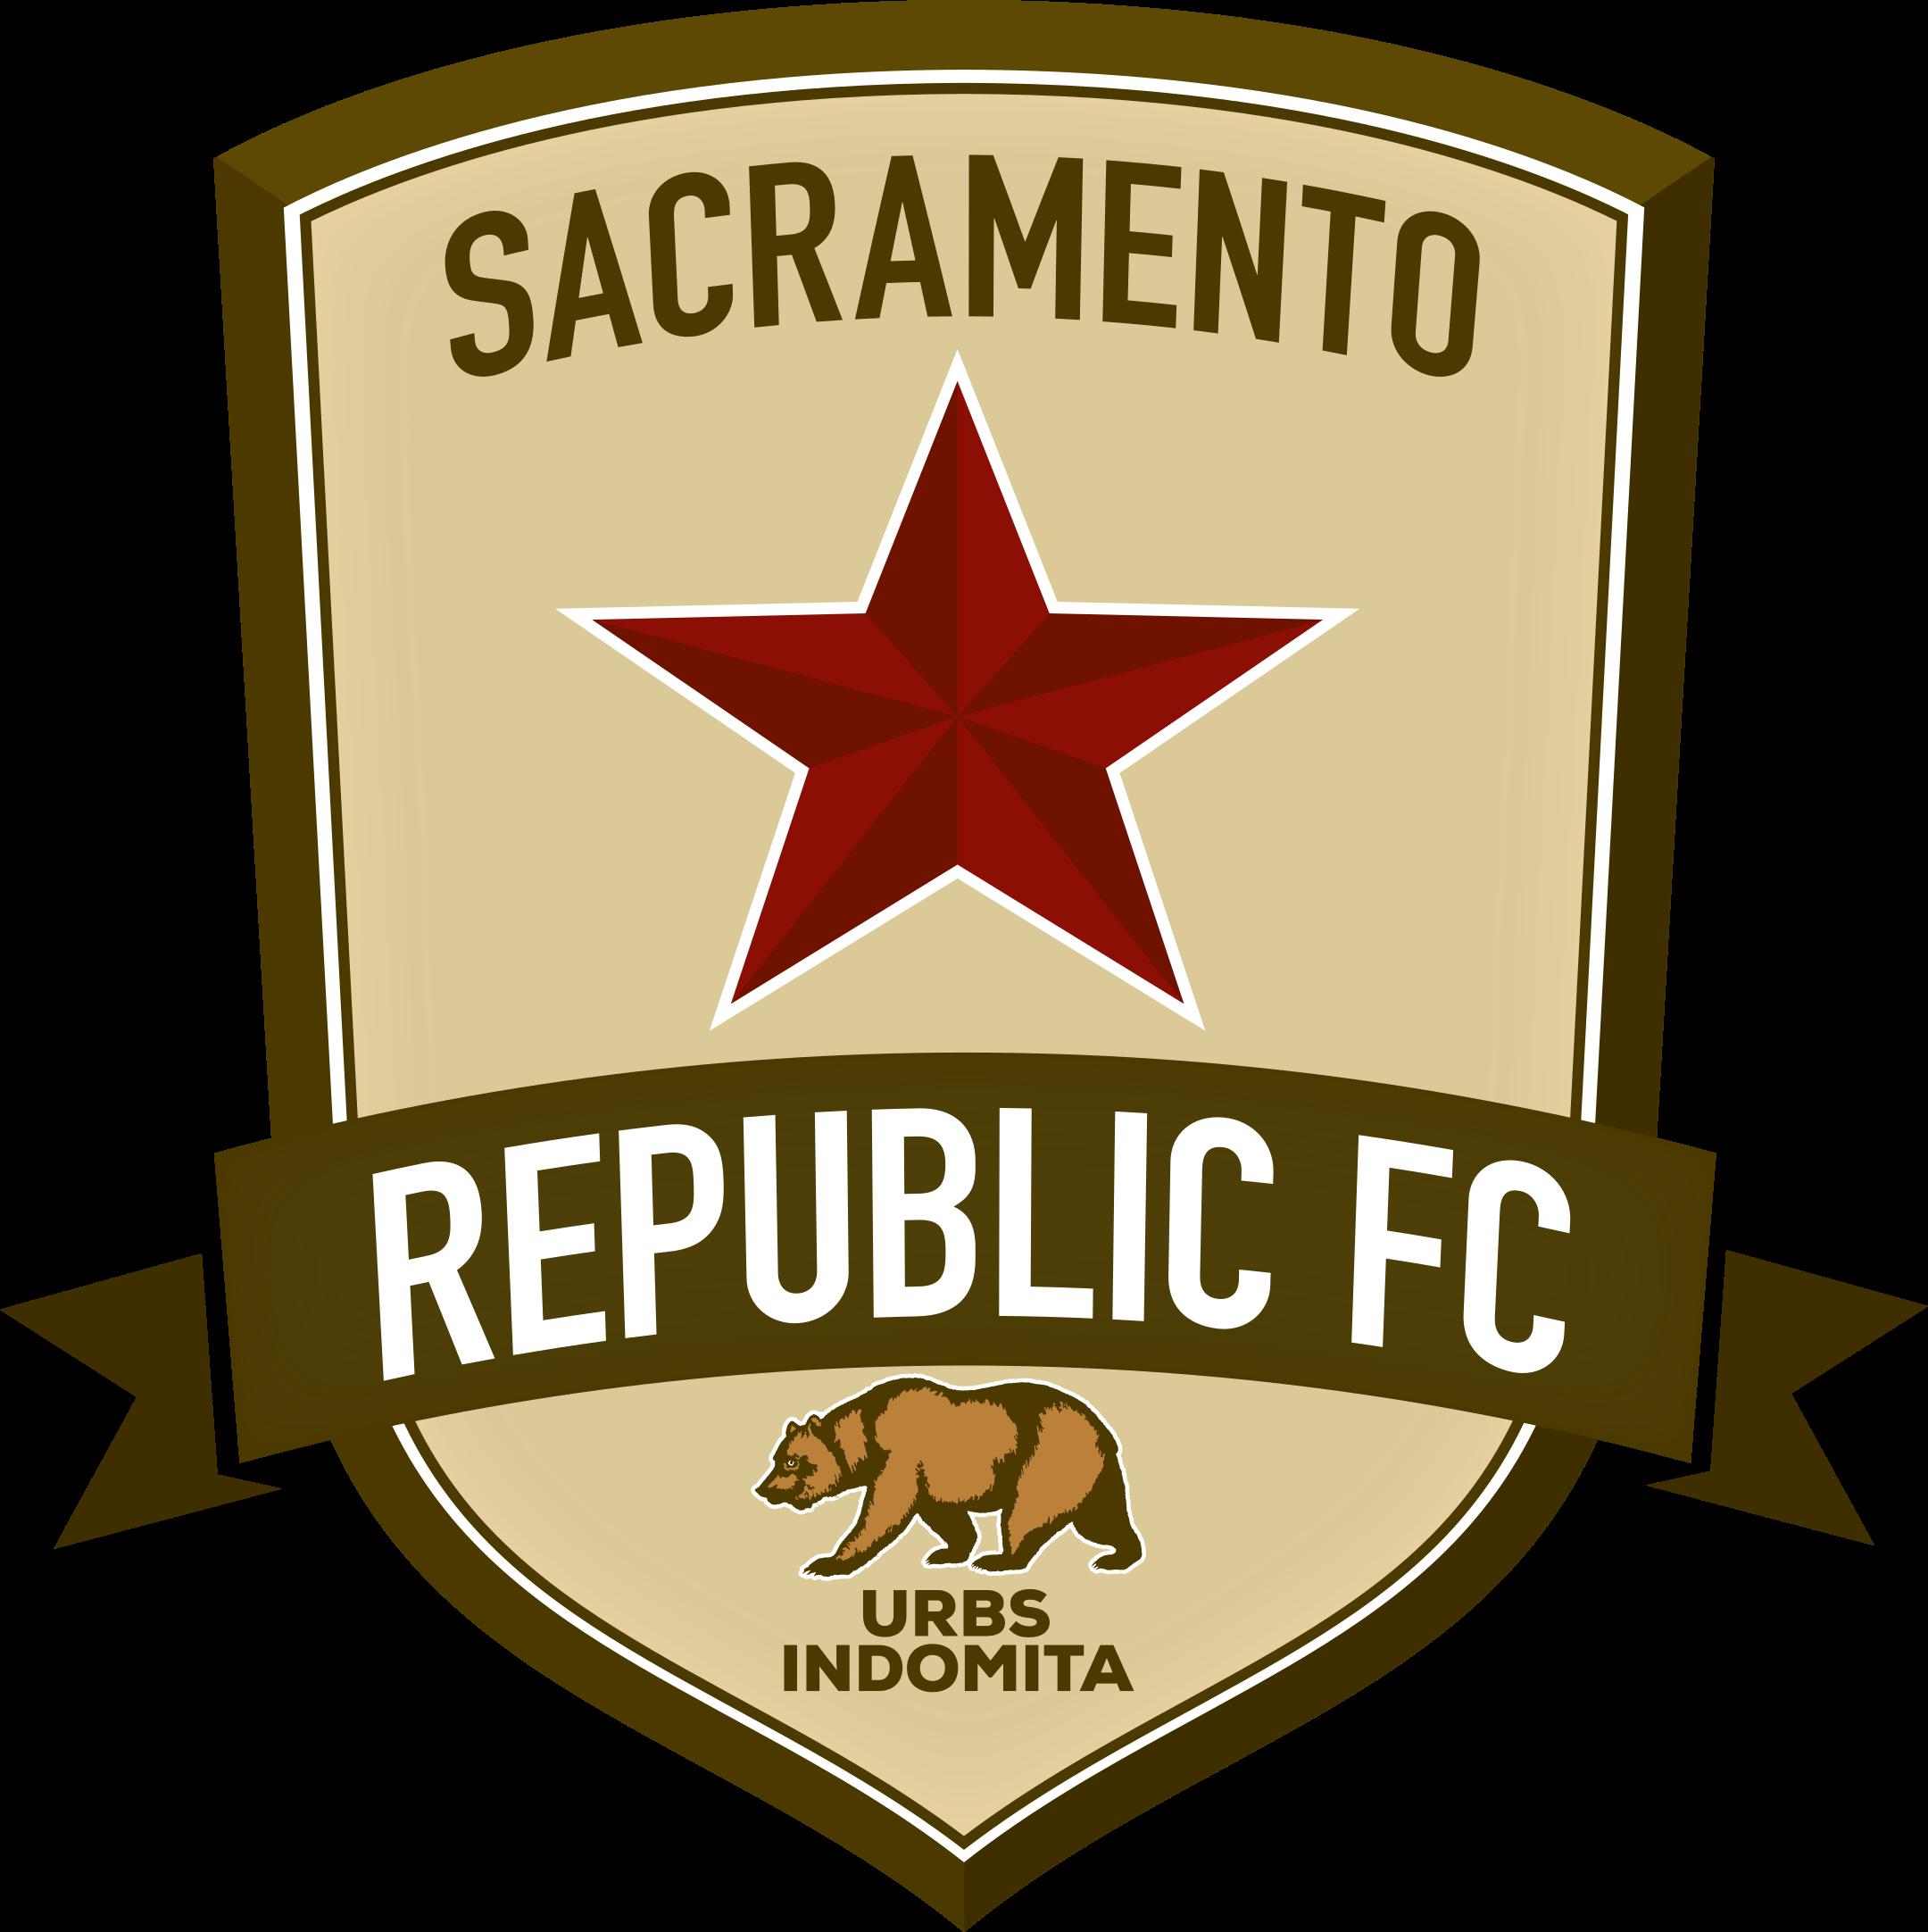 sacramento republic fc logo 1 - Sacramento Republic FC Logo